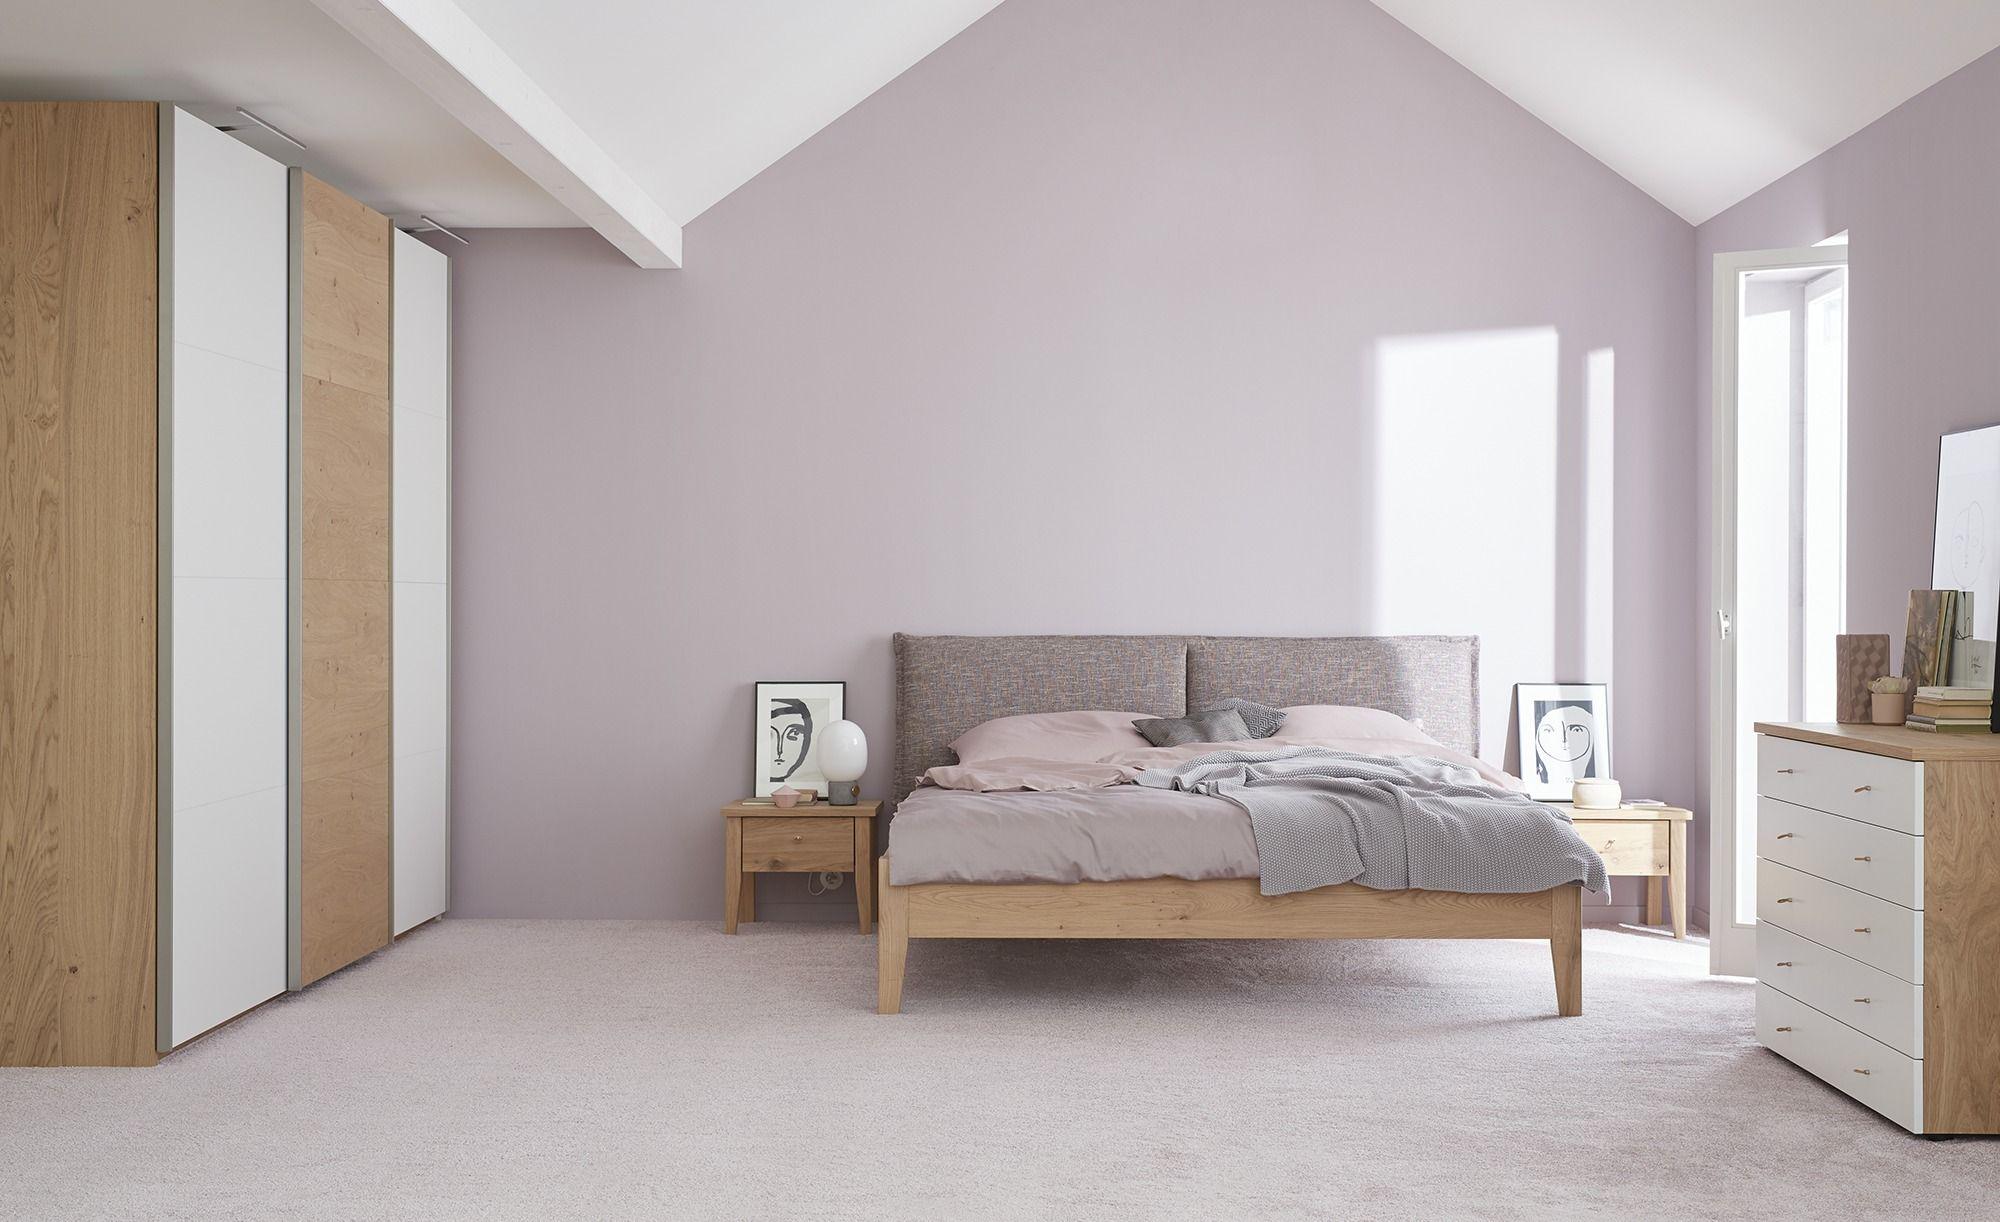 Schöner Wohnen Komplett-Schlafzimmer 4-teilig Janne Jetzt bestellen ...